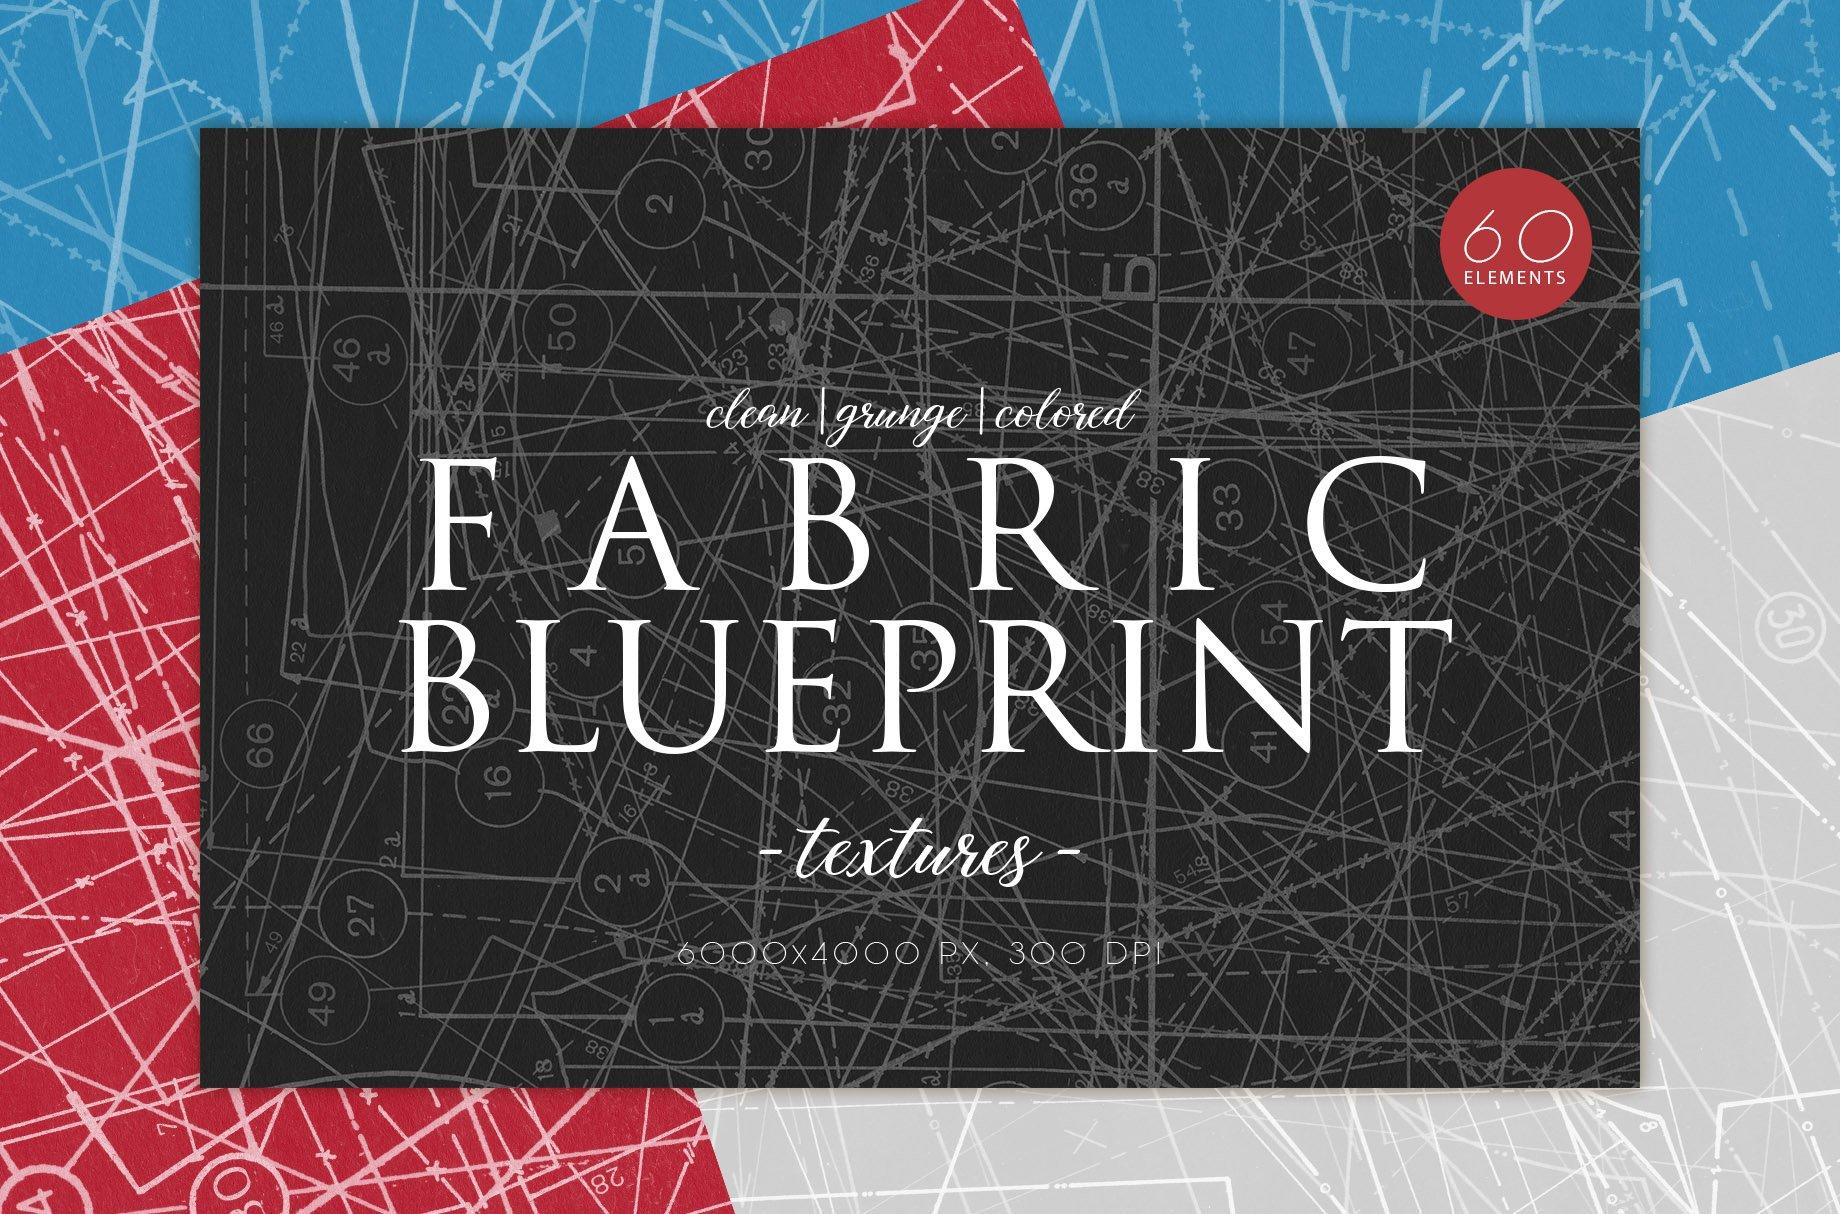 [单独购买] 60款潮流做旧粗糙图纸纹理海报设计背景底纹图片素材 Fabric Blueprint Textures插图